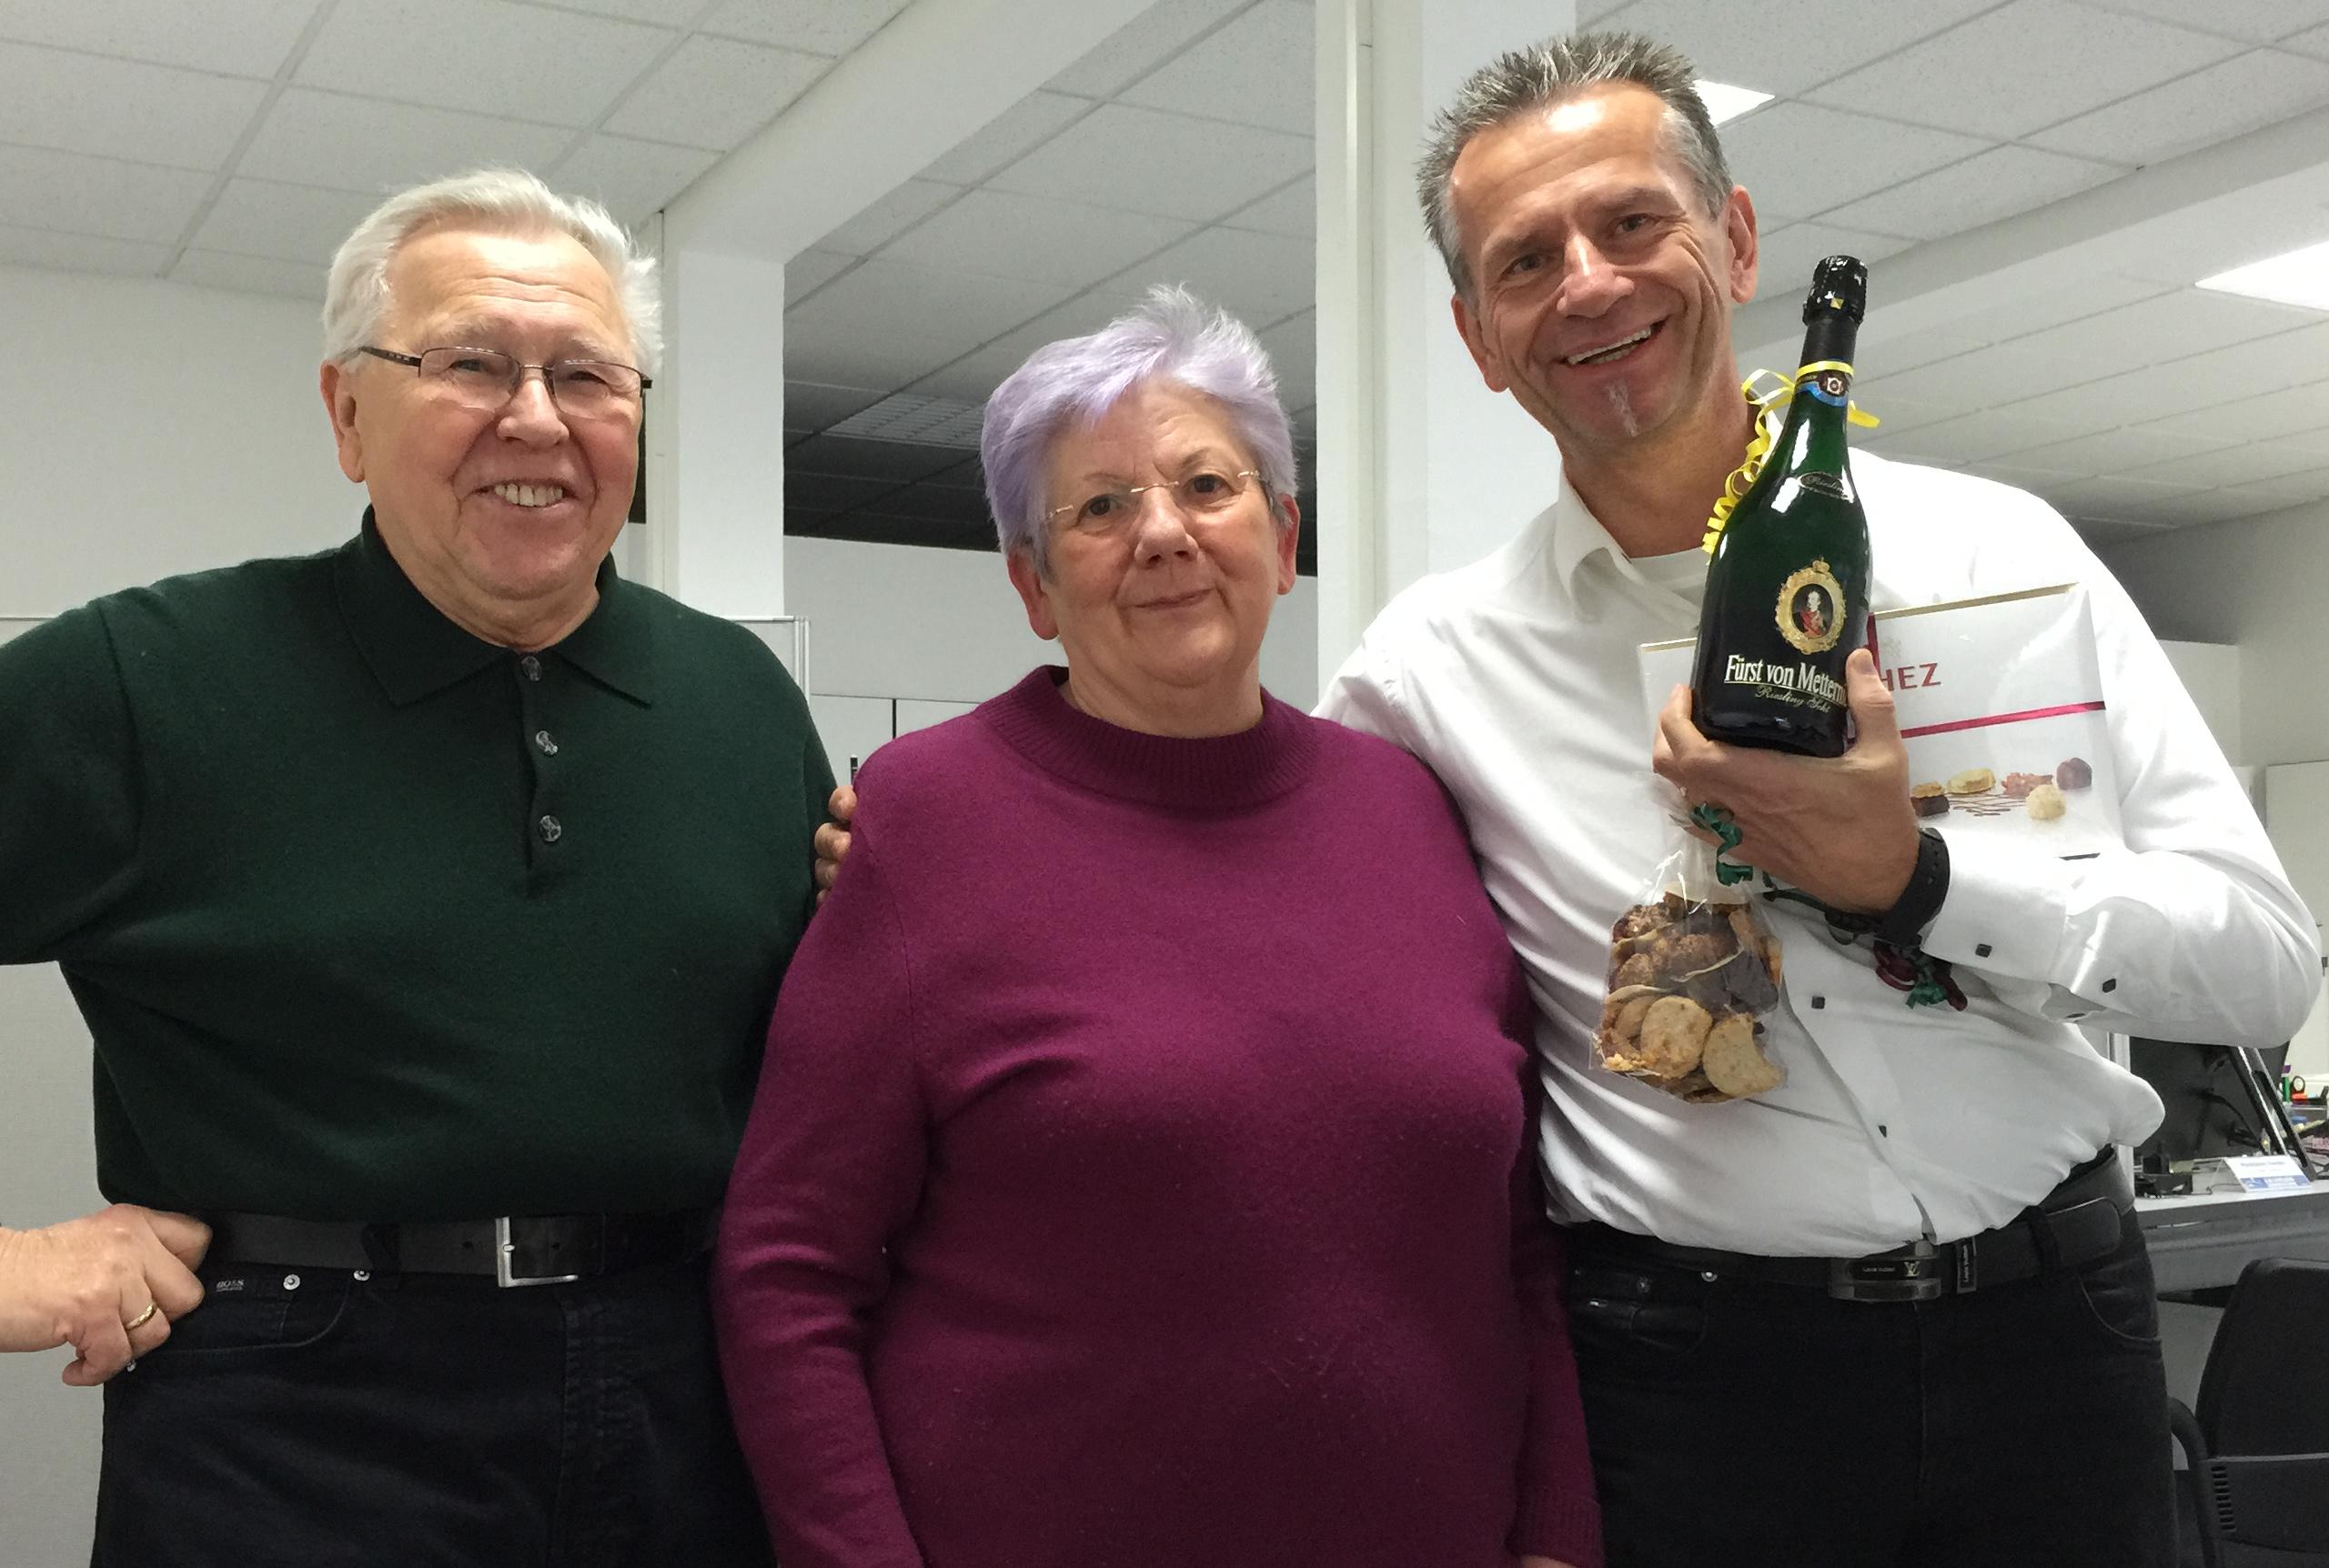 Uwe G. Bachmann und Frau und Herr Scholz stehen zusammen mit der überreichten Sektflasche im Büro Mahlsdorf.